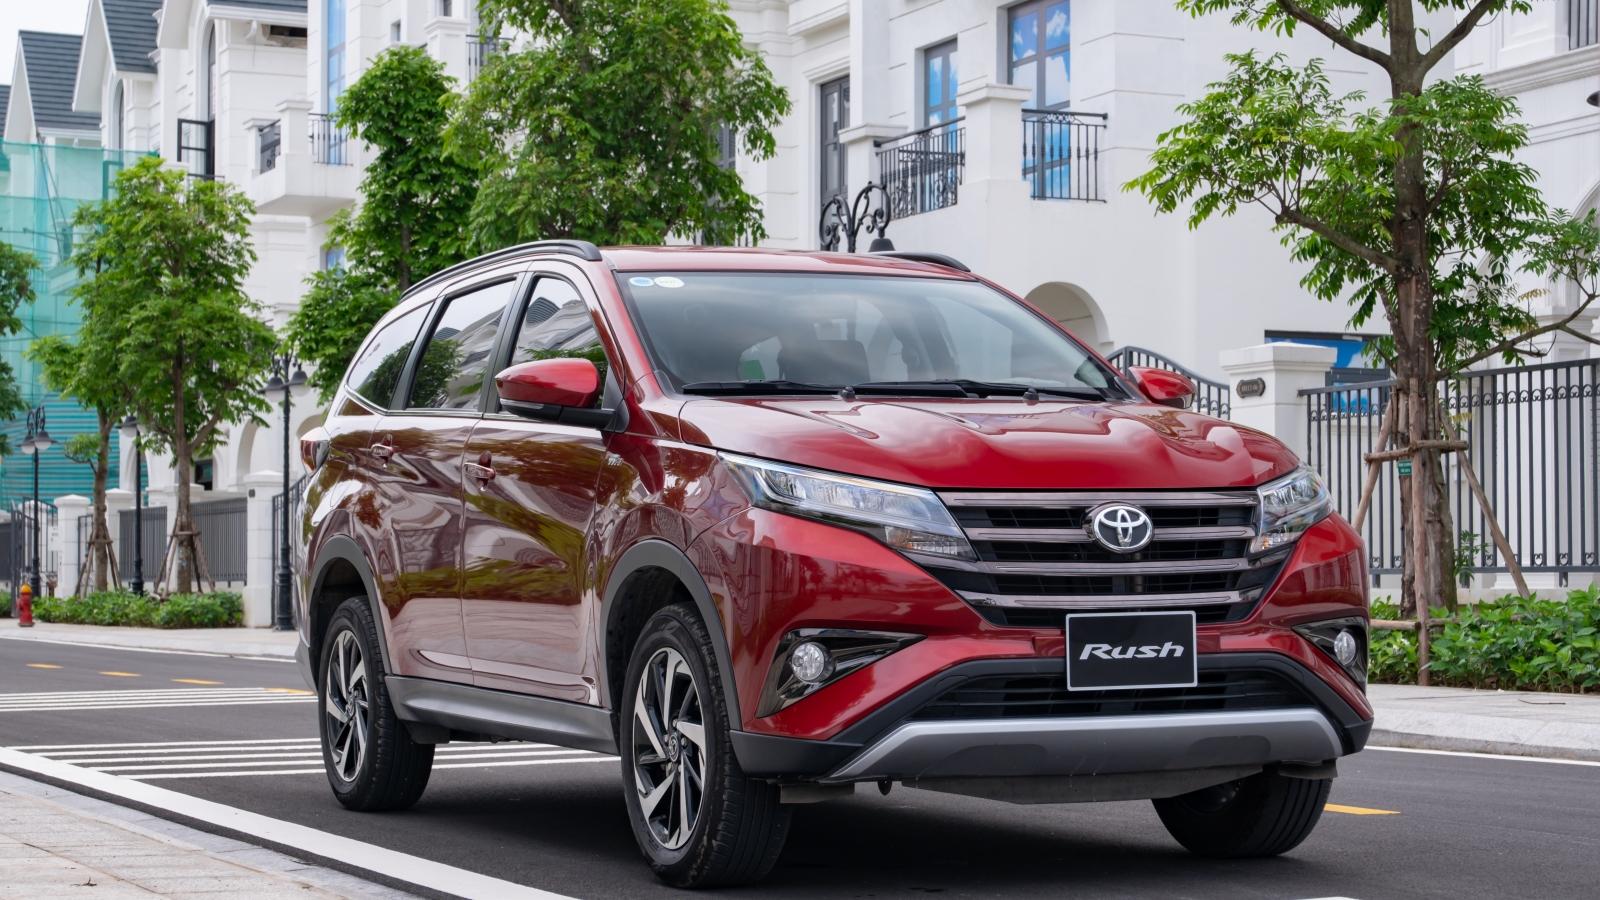 Toyota Rush - SUV đô thị 7 chỗ đáng cân nhắc khi lựa chọn xe cho gia đình